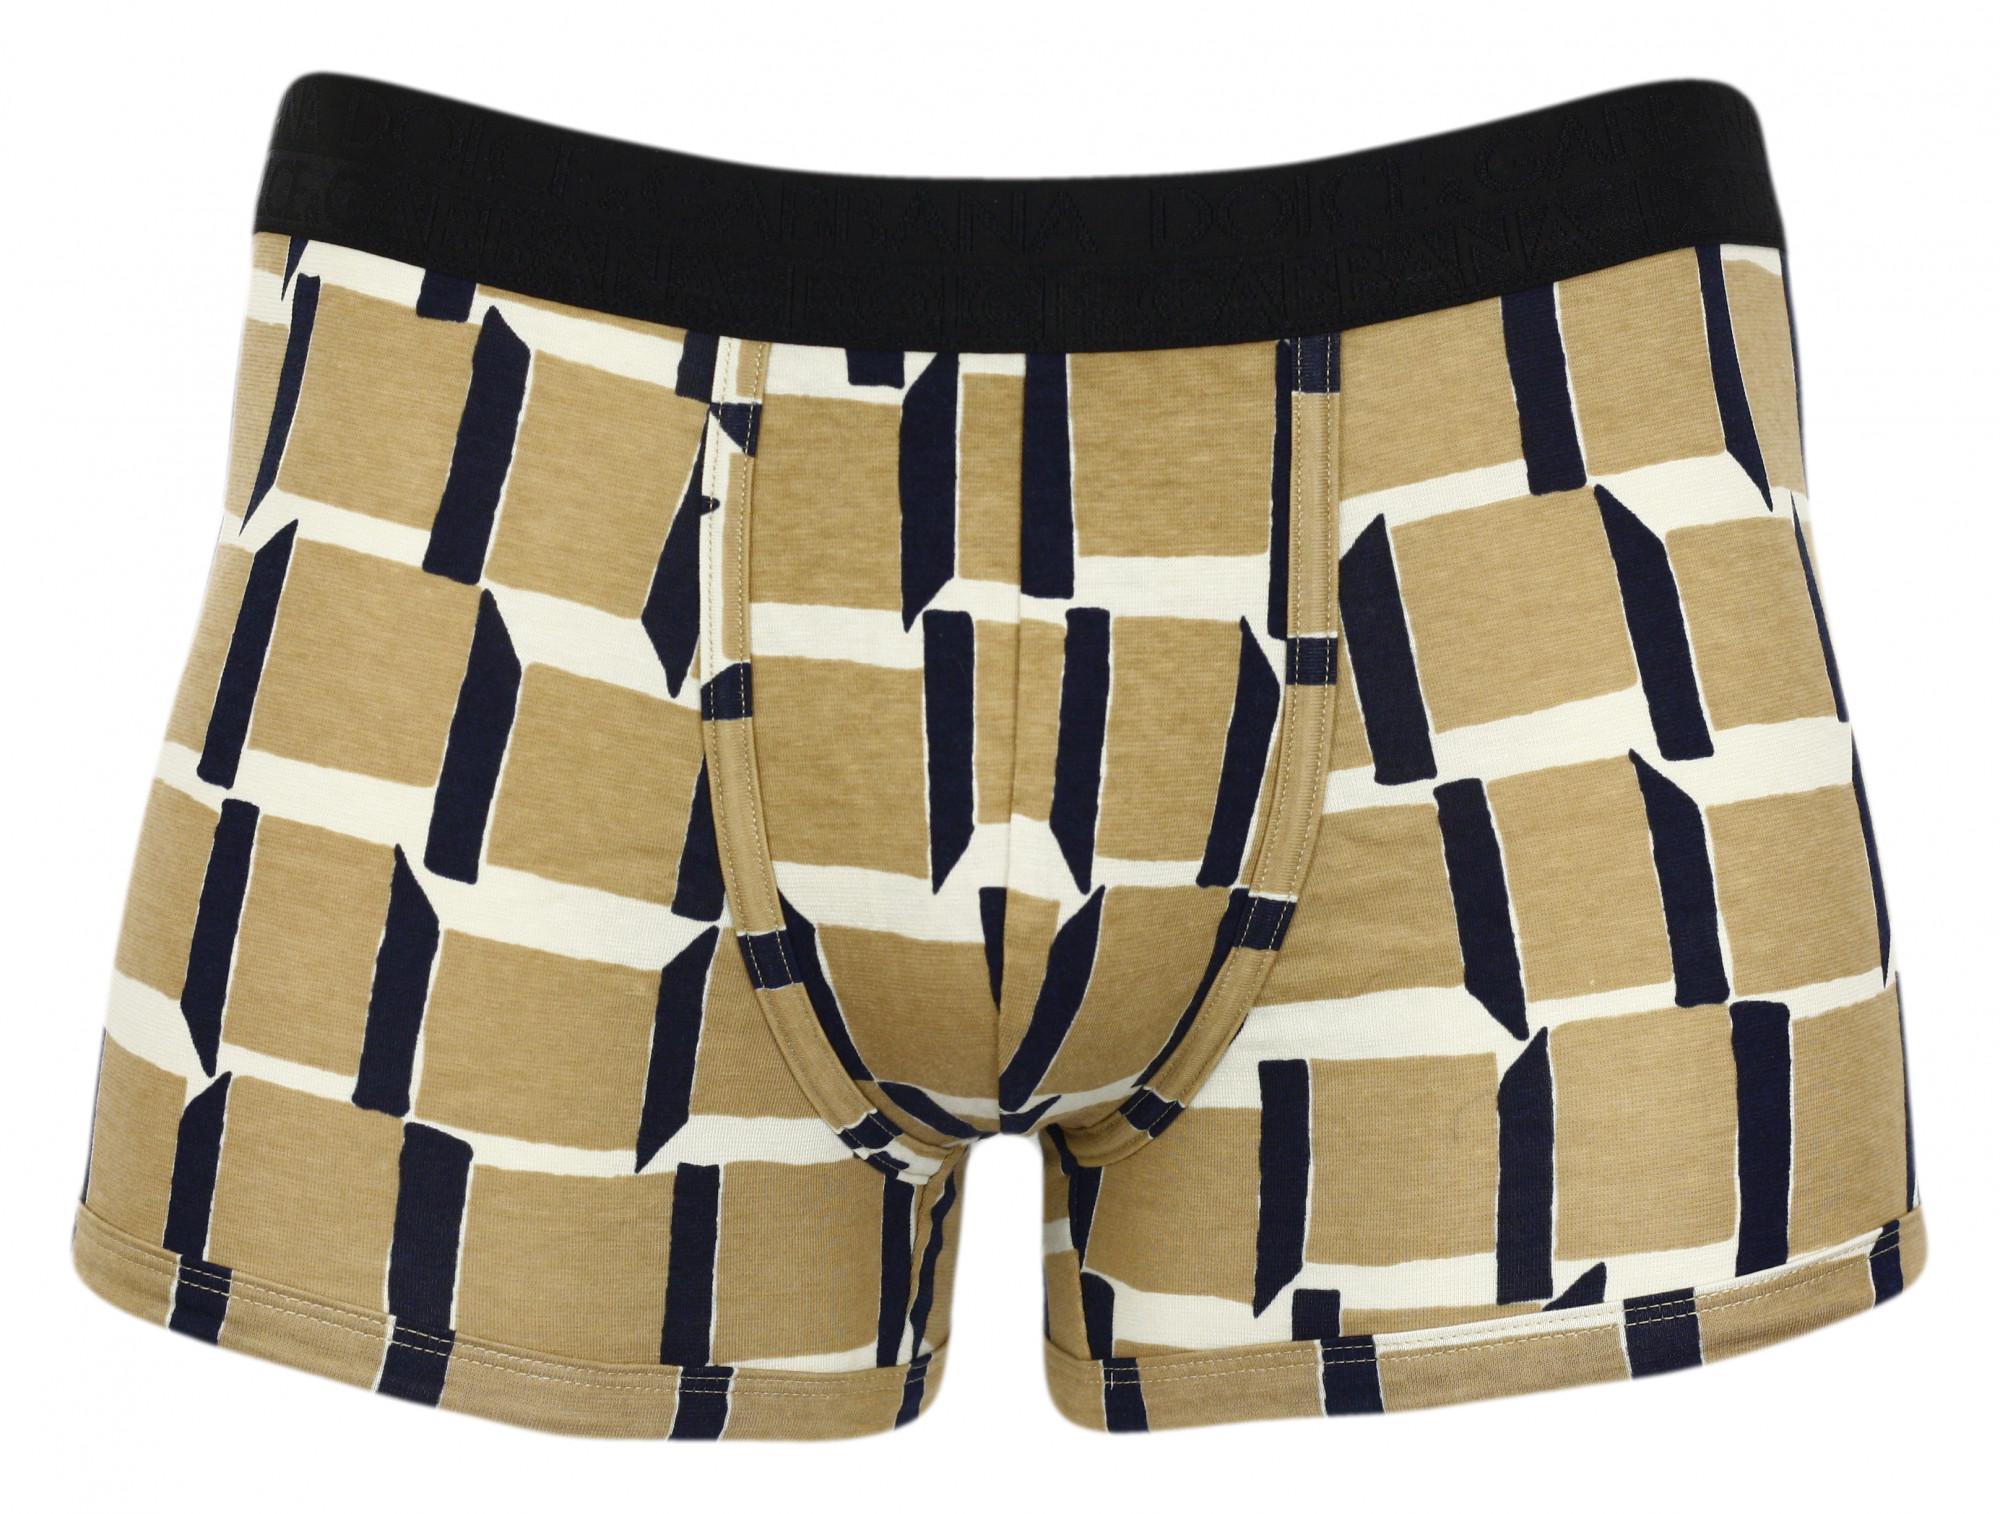 Pánské boxerky M10990 - Dobce Gabbana Barva: original, Velikost: S